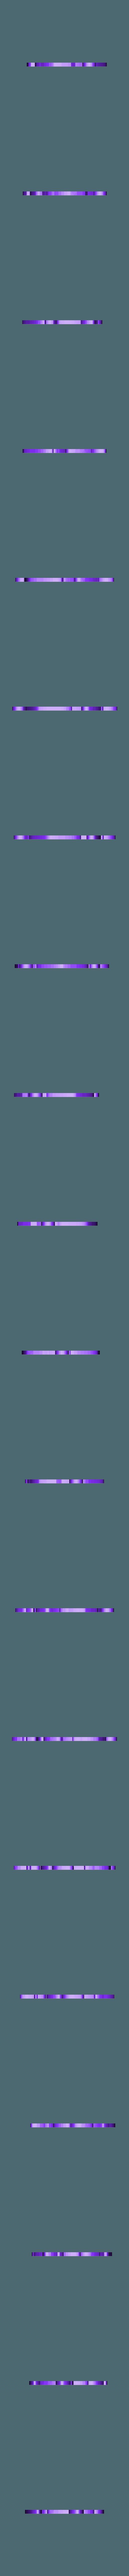 zuma face.stl Télécharger fichier STL Lot 6 ornements Paw Patrol • Plan imprimable en 3D, DG22